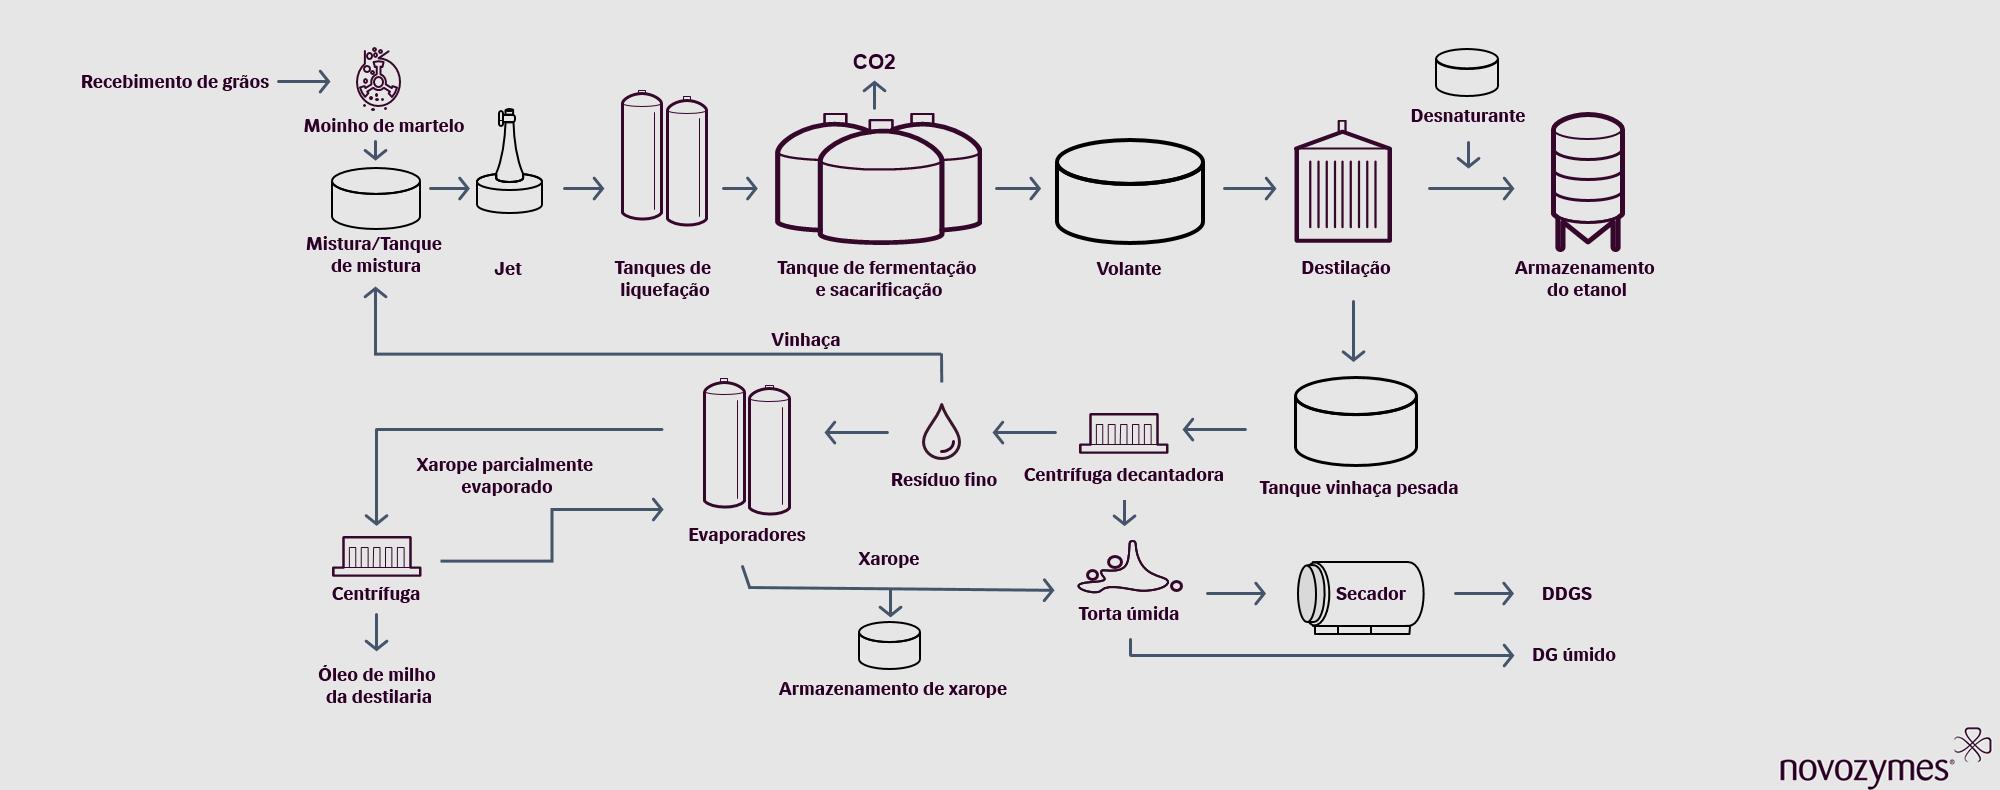 Fluxo do processo de etanol